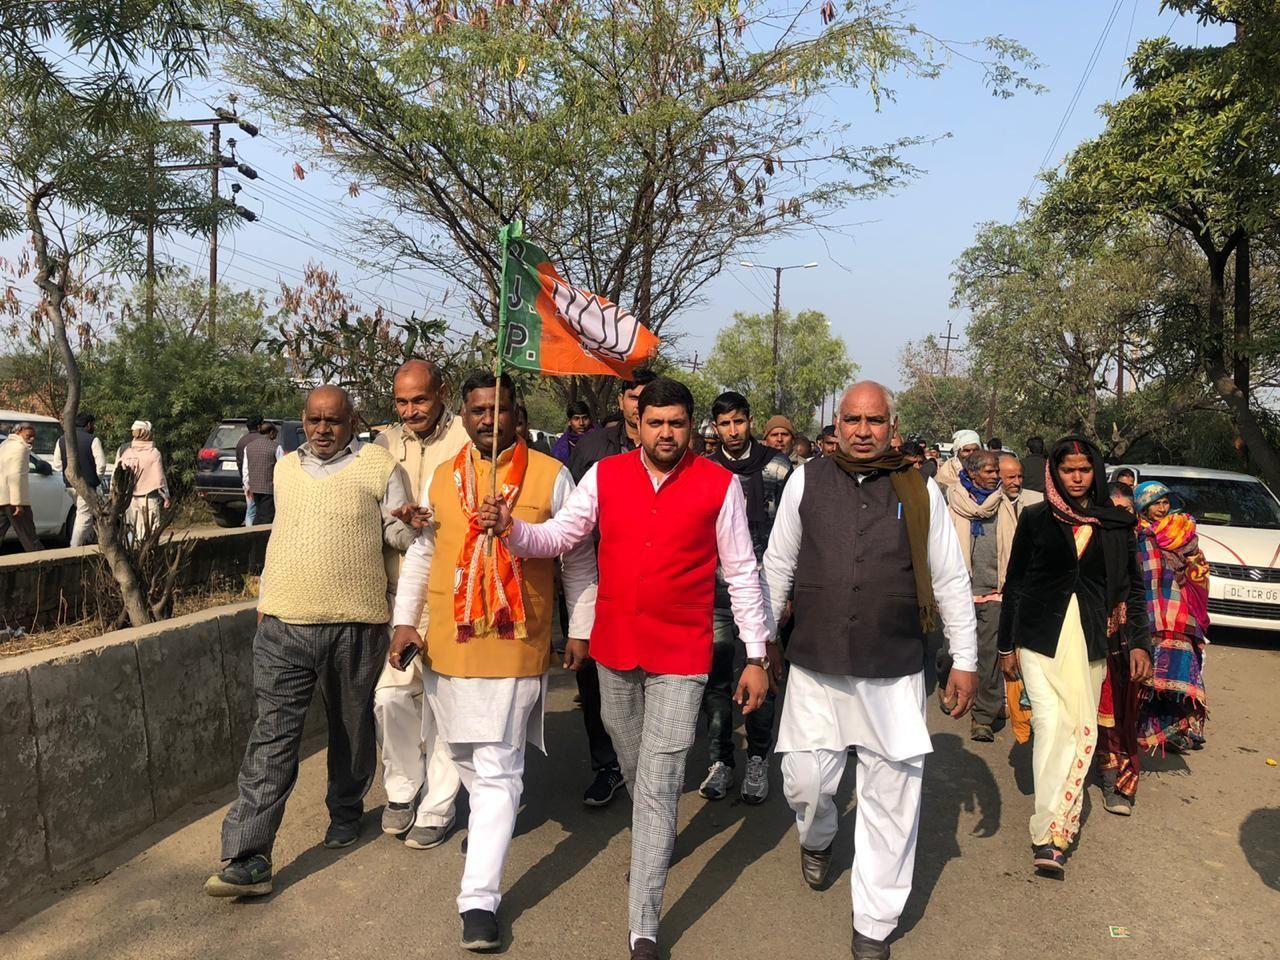 लोनी के युवा भाजपा नेता राहुल बैंसला ने समर्थकों सहित मेरठ सभा में की शिरकत